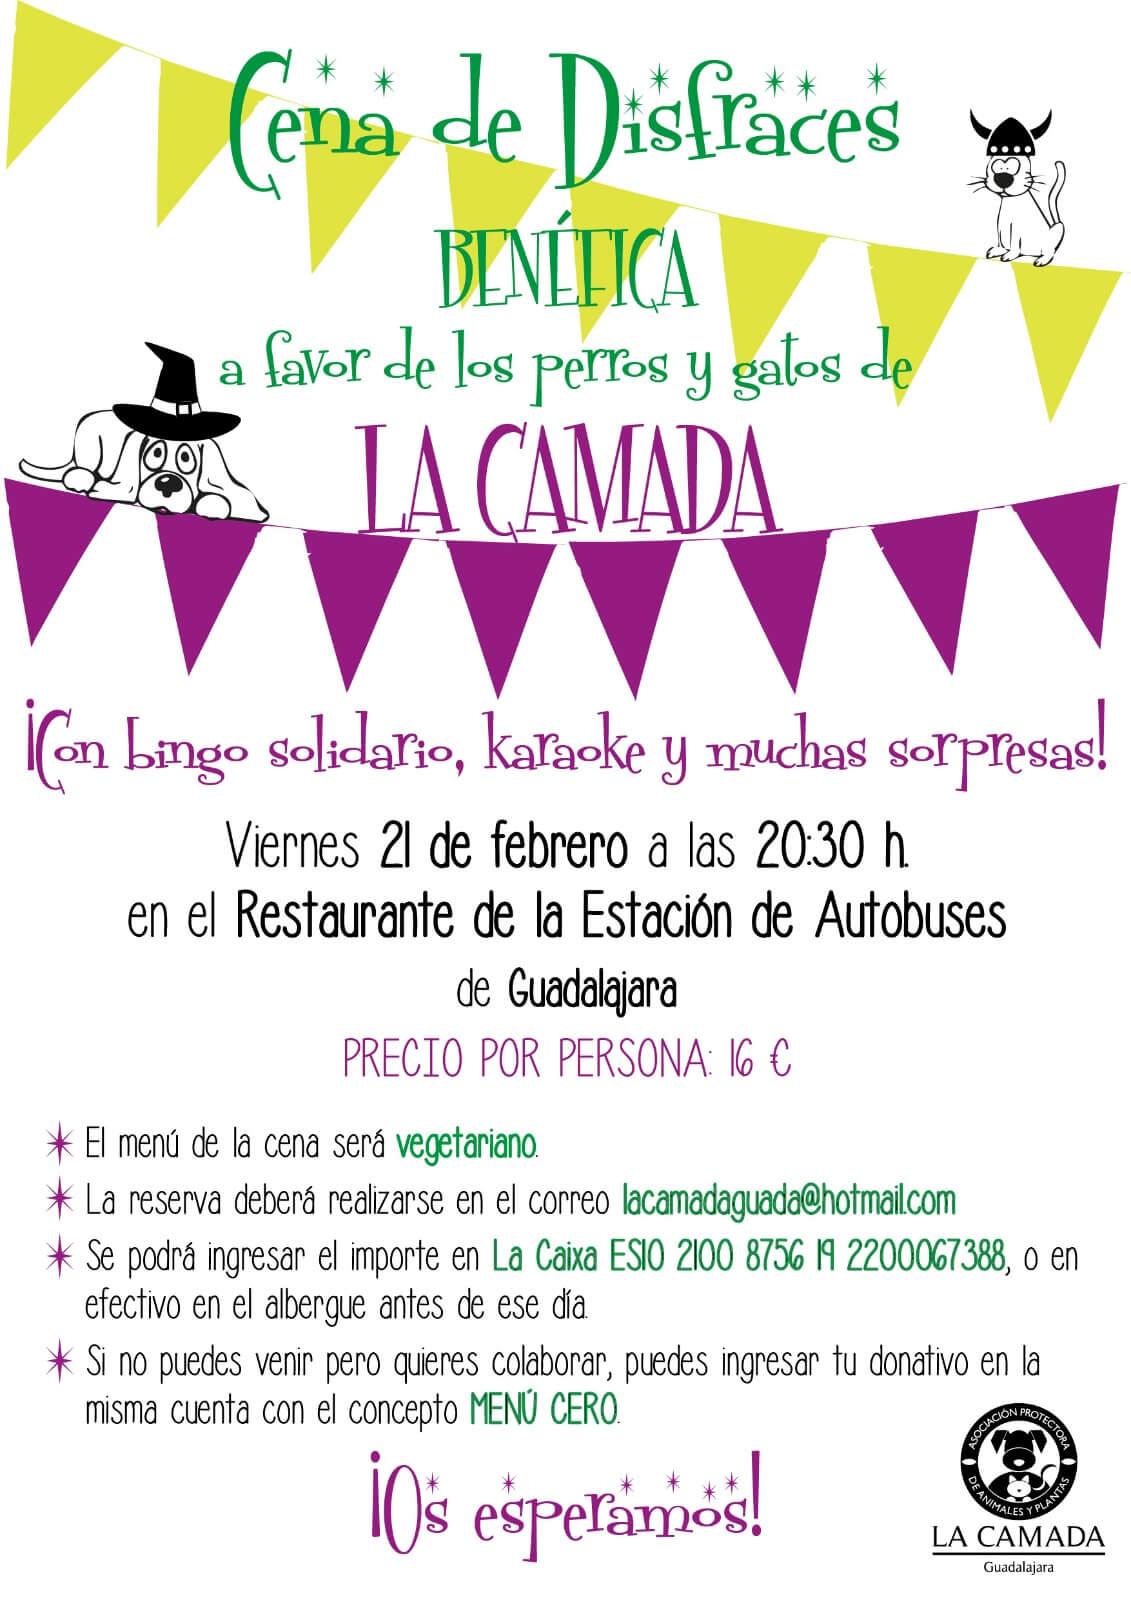 Cena Benéfica de disfraces La Camada @ Estación de autobuses de Guadalajara